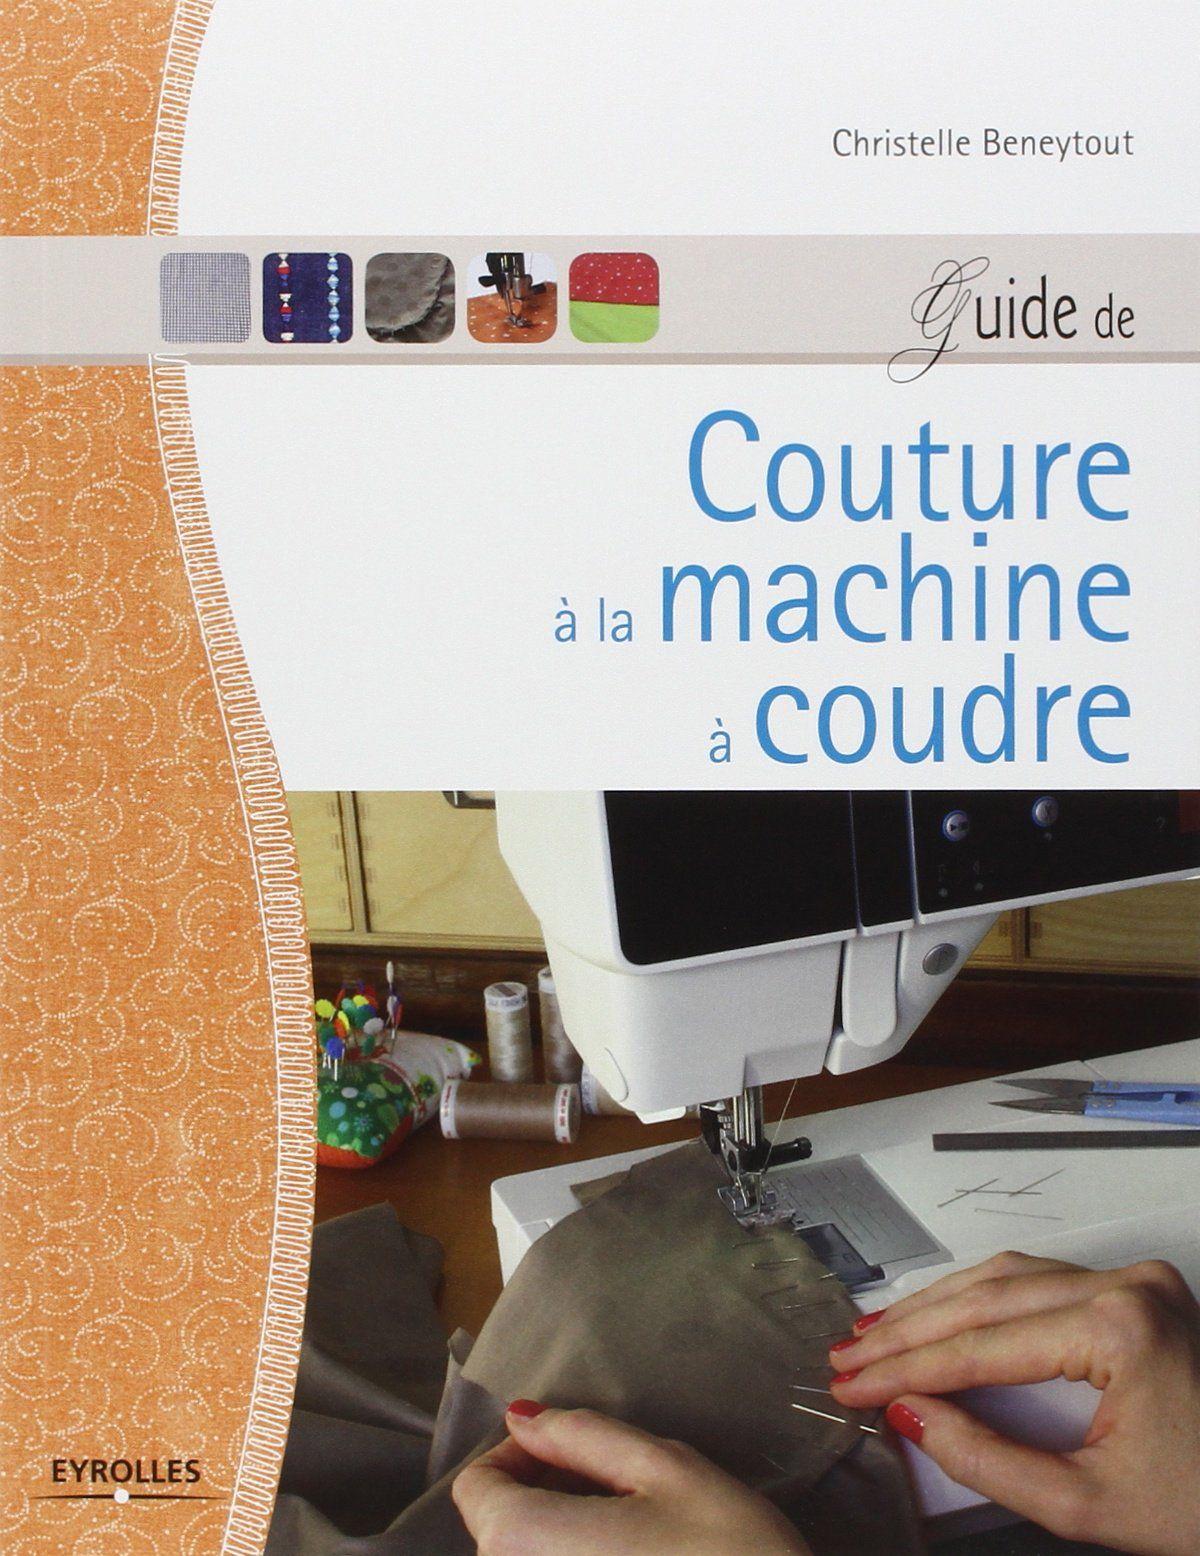 Souvent Livre : Guide de couture à la machine à coudre | Mes livres pdf  AK17